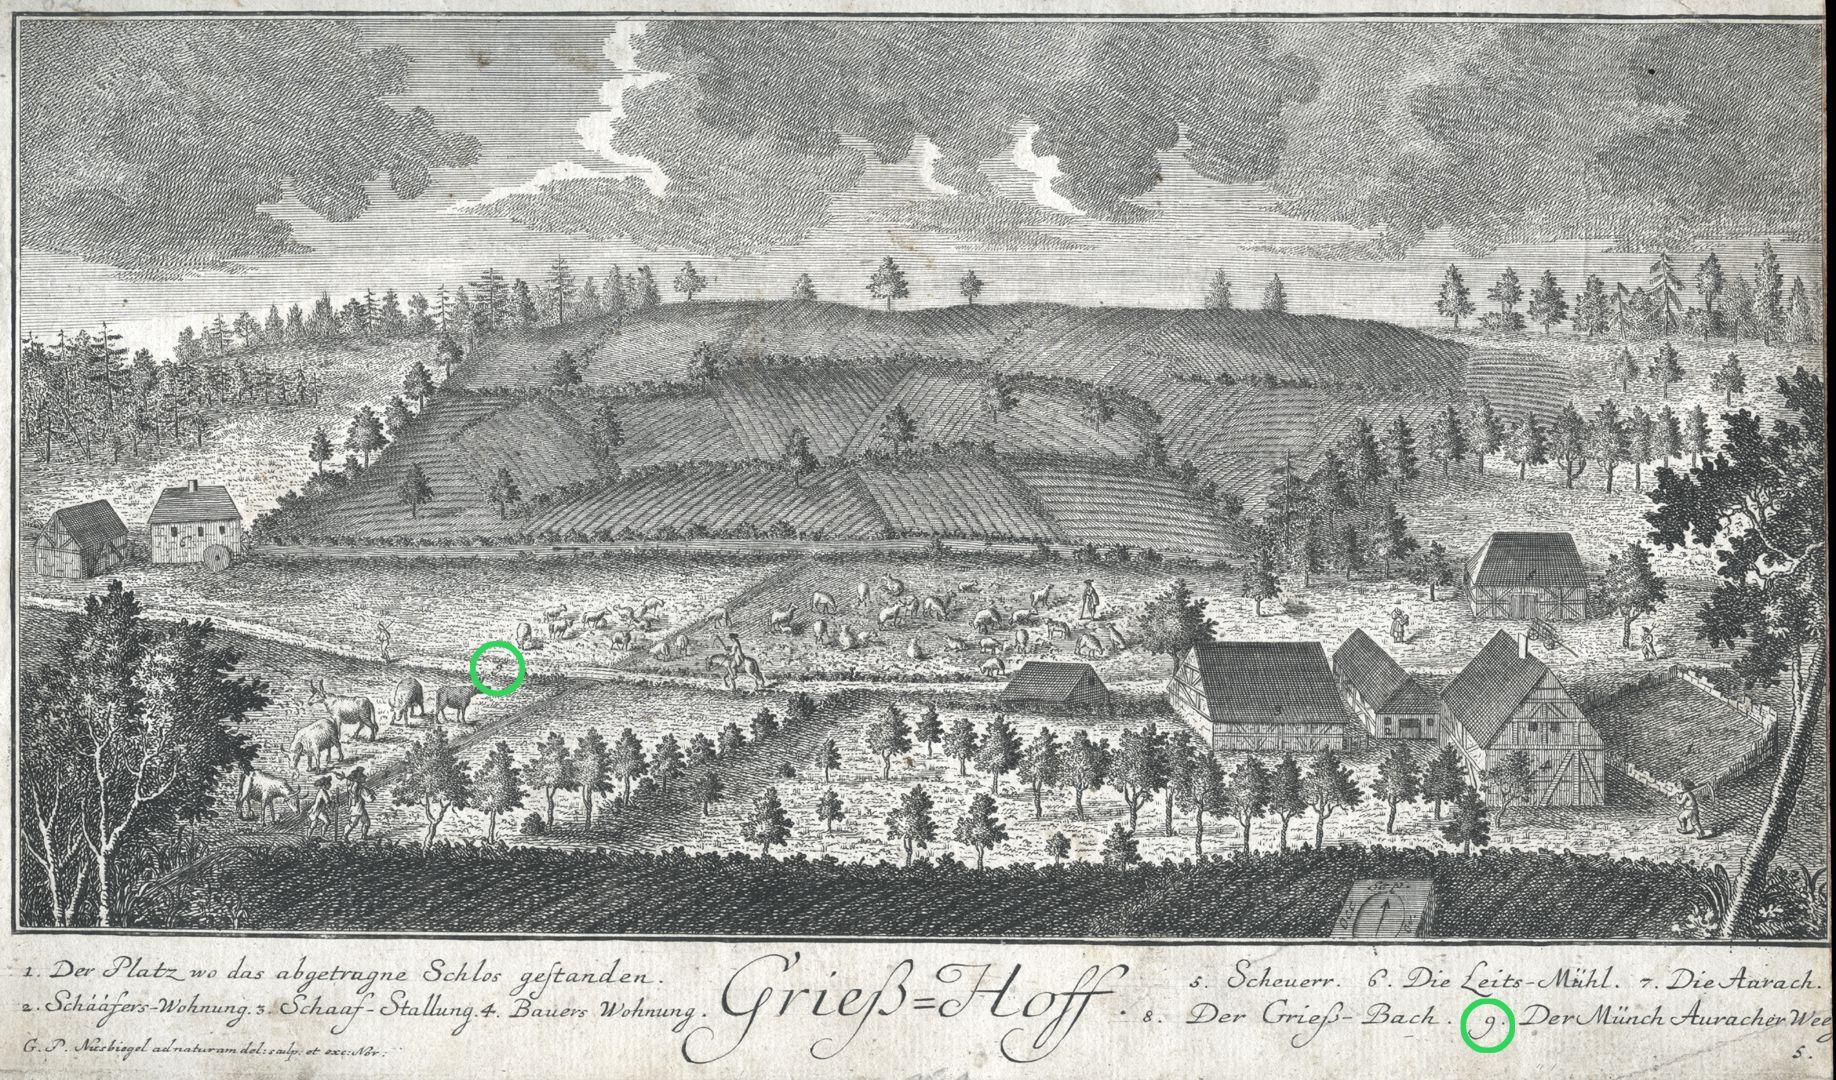 Grieß=Hoff  (Griess farm) Munch-Aurach-way